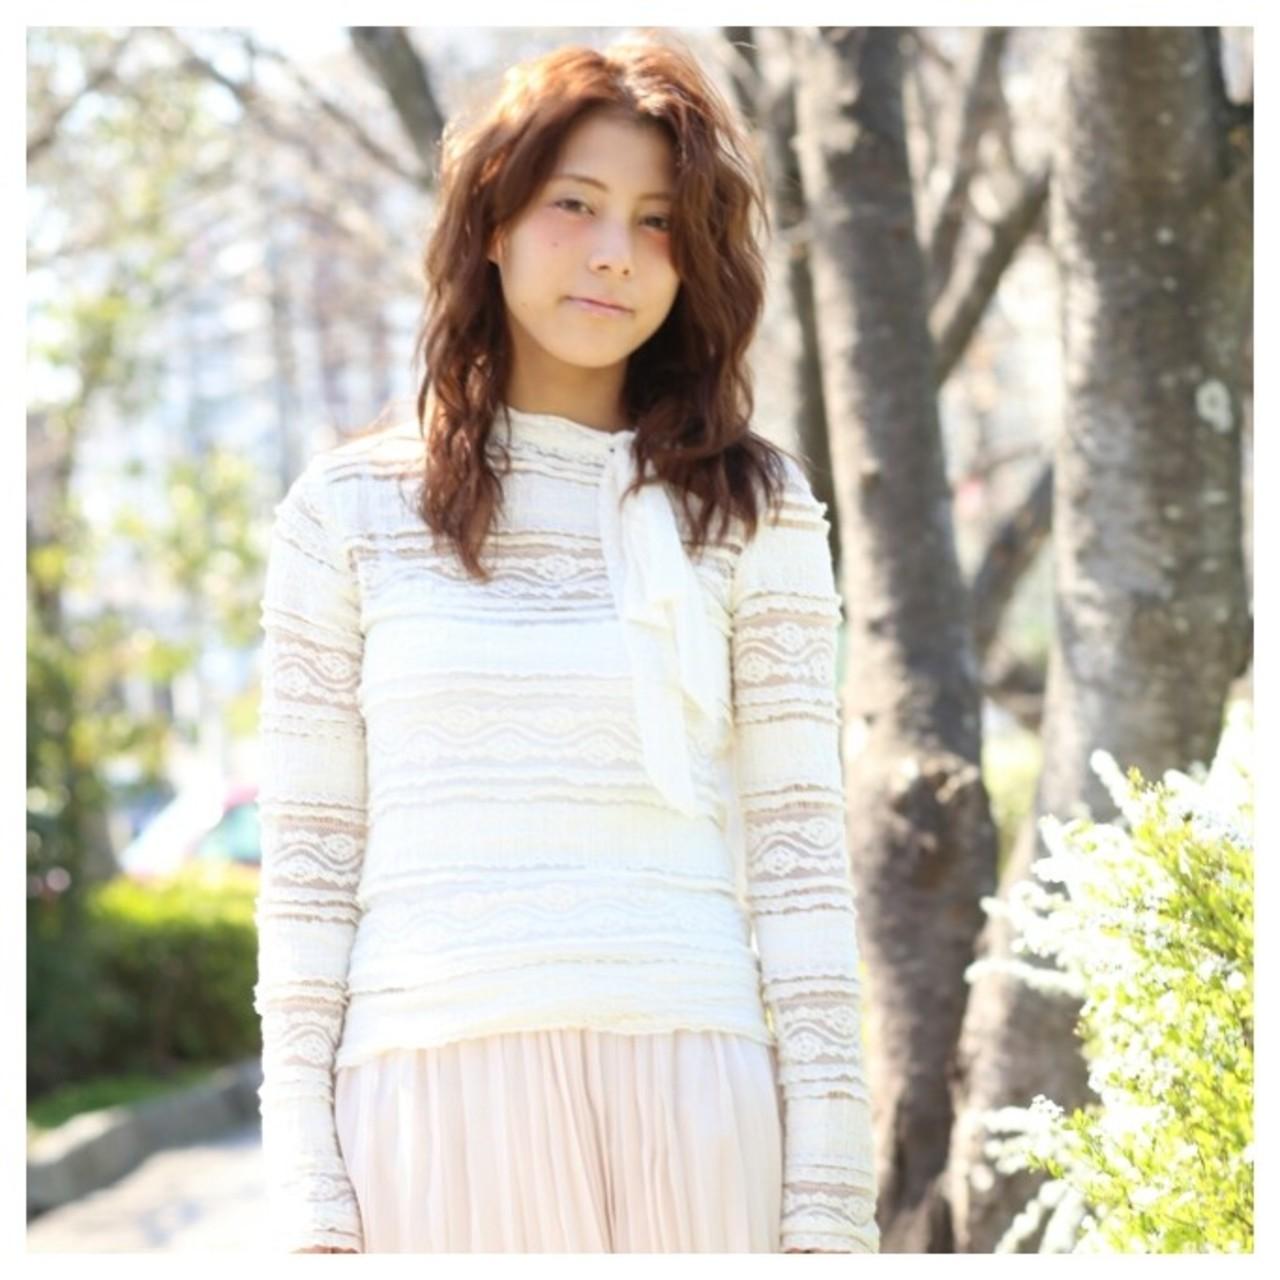 外国人風 大人かわいい ゆるふわ ガーリー ヘアスタイルや髪型の写真・画像 | 福山 耕介 / CuthouseBen